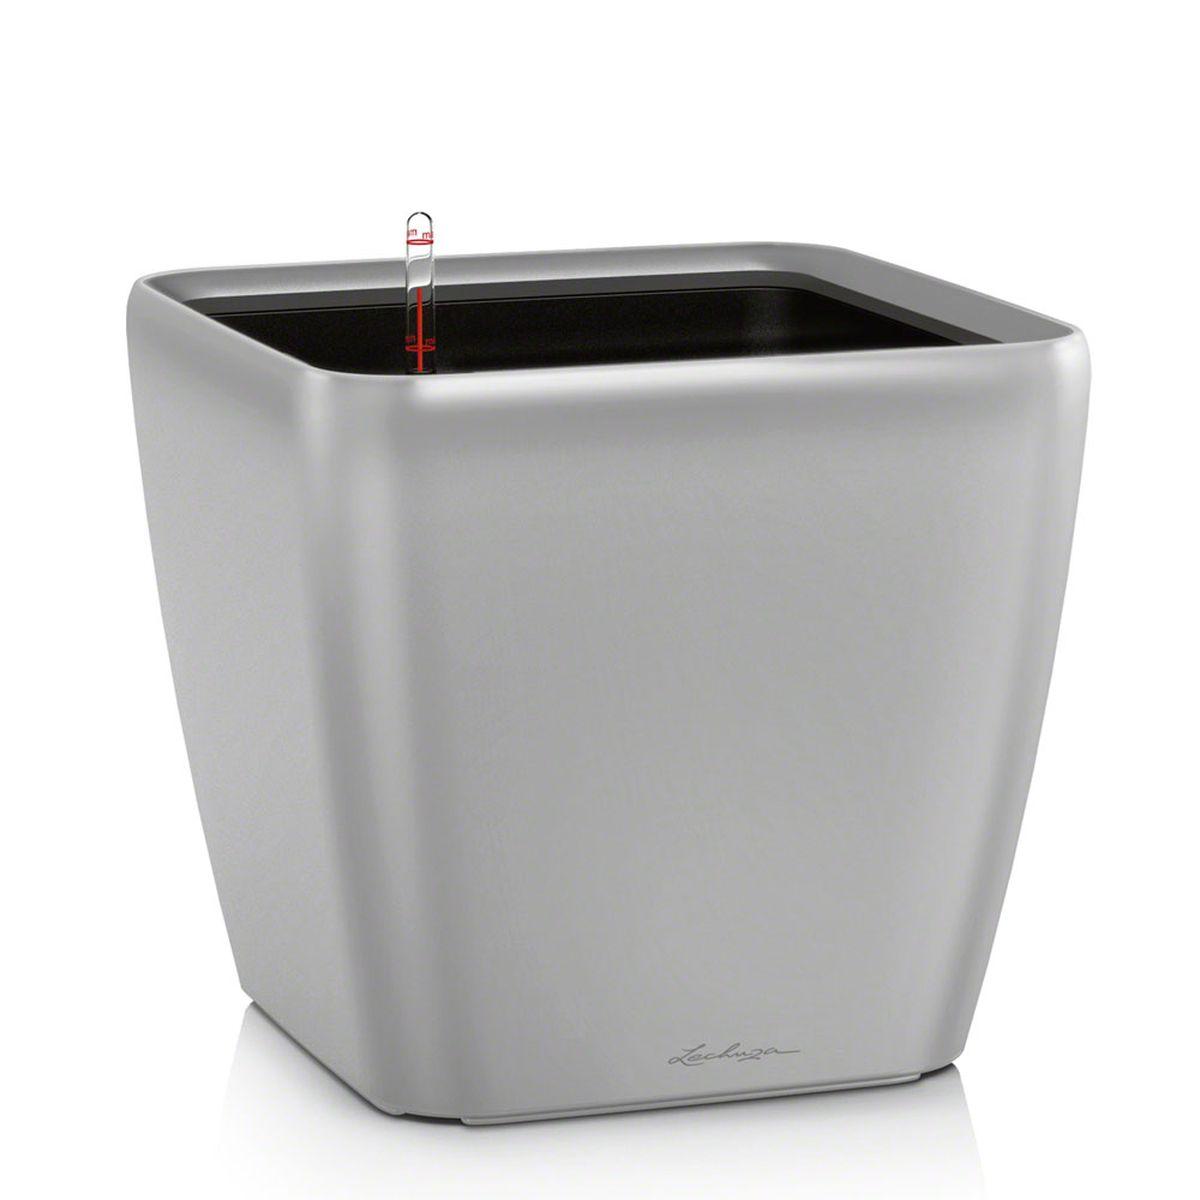 Кашпо Lechuza Quadro, с системой автополива, цвет: серебристый, 28 х 28 х 26 см531-402Кашпо Lechuza Quadro, выполненное из высококачественного пластика, имеет уникальную систему автополива, благодаря которой корневая система растения непрерывно снабжается влагой из резервуара. Уровень воды в резервуаре контролируется с помощью специального индикатора. В зависимости от размера кашпо и растения воды хватает на 2-12 недель. Это способствует хорошему росту цветов и предотвращает переувлажнение.В набор входит: кашпо, внутренний горшок с выдвижной эргономичной ручкой, индикатор уровня воды, вал подачи воды, субстрат растений в качестве дренажного слоя, резервуар для воды.Кашпо Lechuza Quadro прекрасно впишется в любой интерьер. Оно поможет расставить нужные акценты, а также придаст помещению вид, соответствующий вашим представлениям.